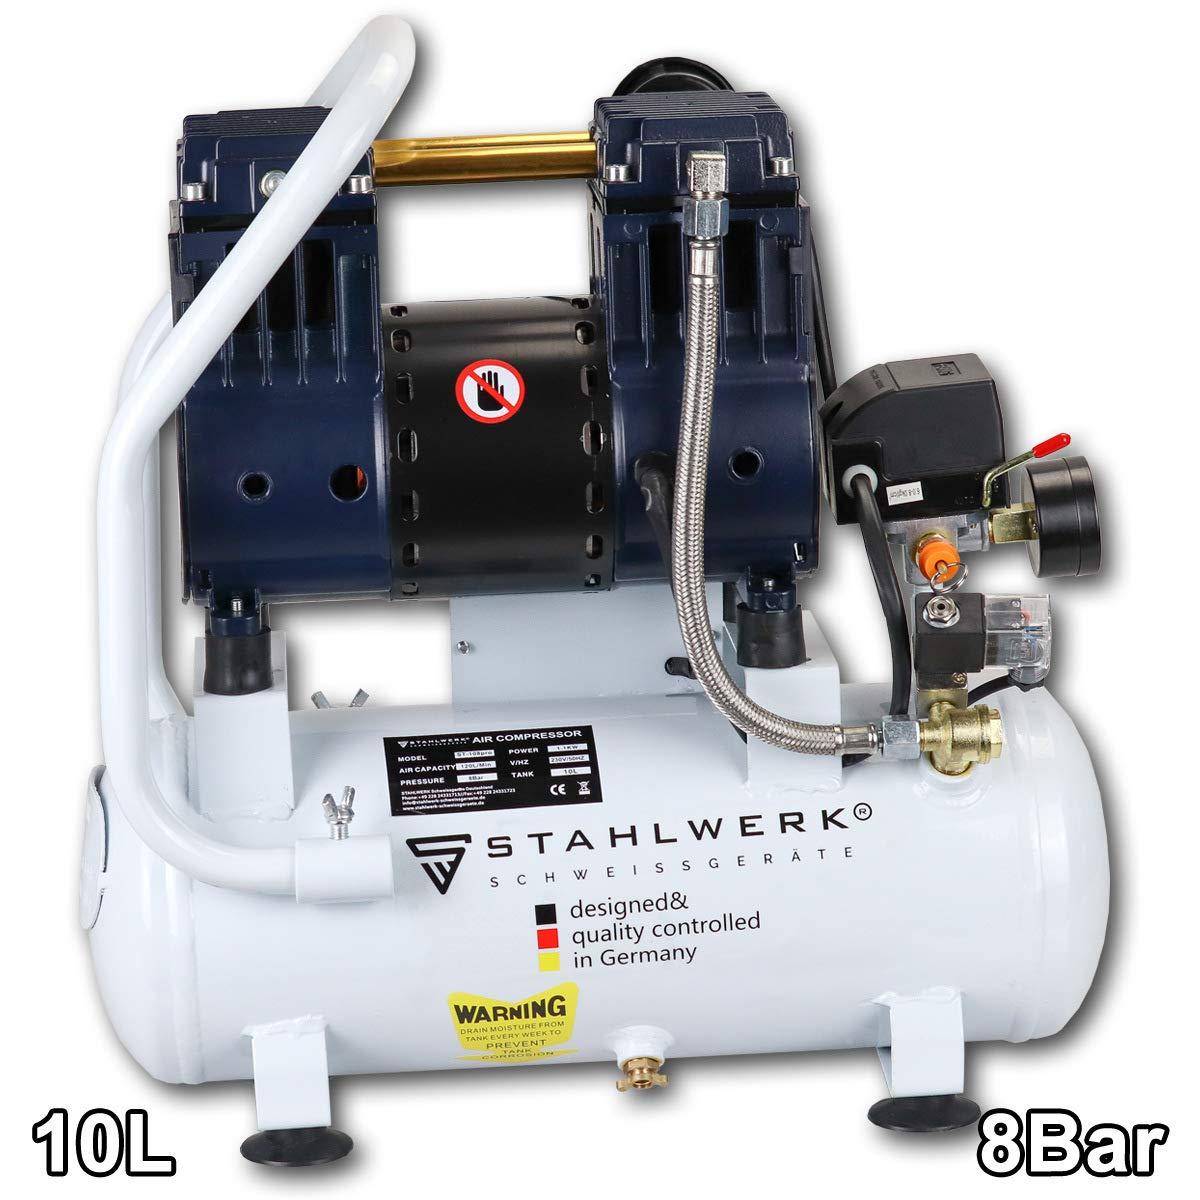 STAHLWERK ST 108 pro - Compresor de aire a presión (10 L, 8 bar, sin aceite, 120 L/min, muy silencioso, muy compacto, 5 años de garantía), color blanco: Amazon.es: Bricolaje y herramientas